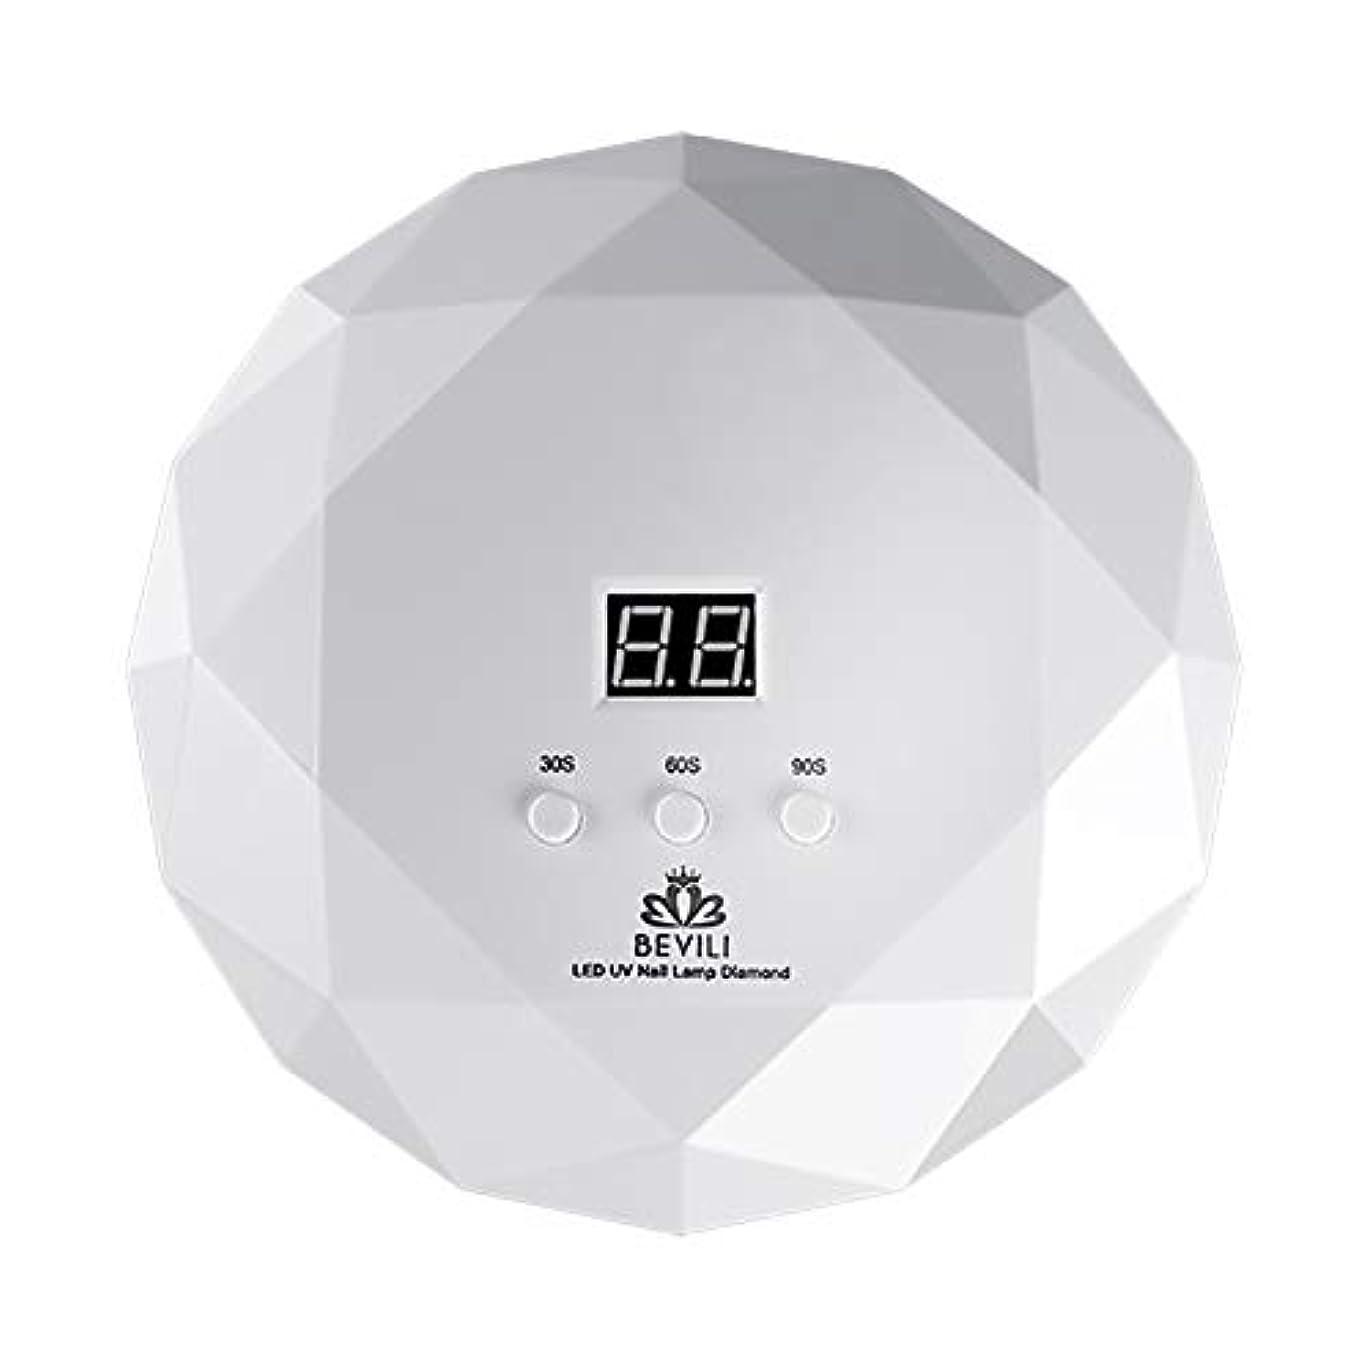 ポーンウッズ溶接LITI LEDネイルドライヤー UVネイルライト 36Wハイパワー 自動センサー 3段階タイマー設定 高速硬化ジェルネイルライト UVとLEDダブルライト肌をケア ジェルネイル用 ホワイト